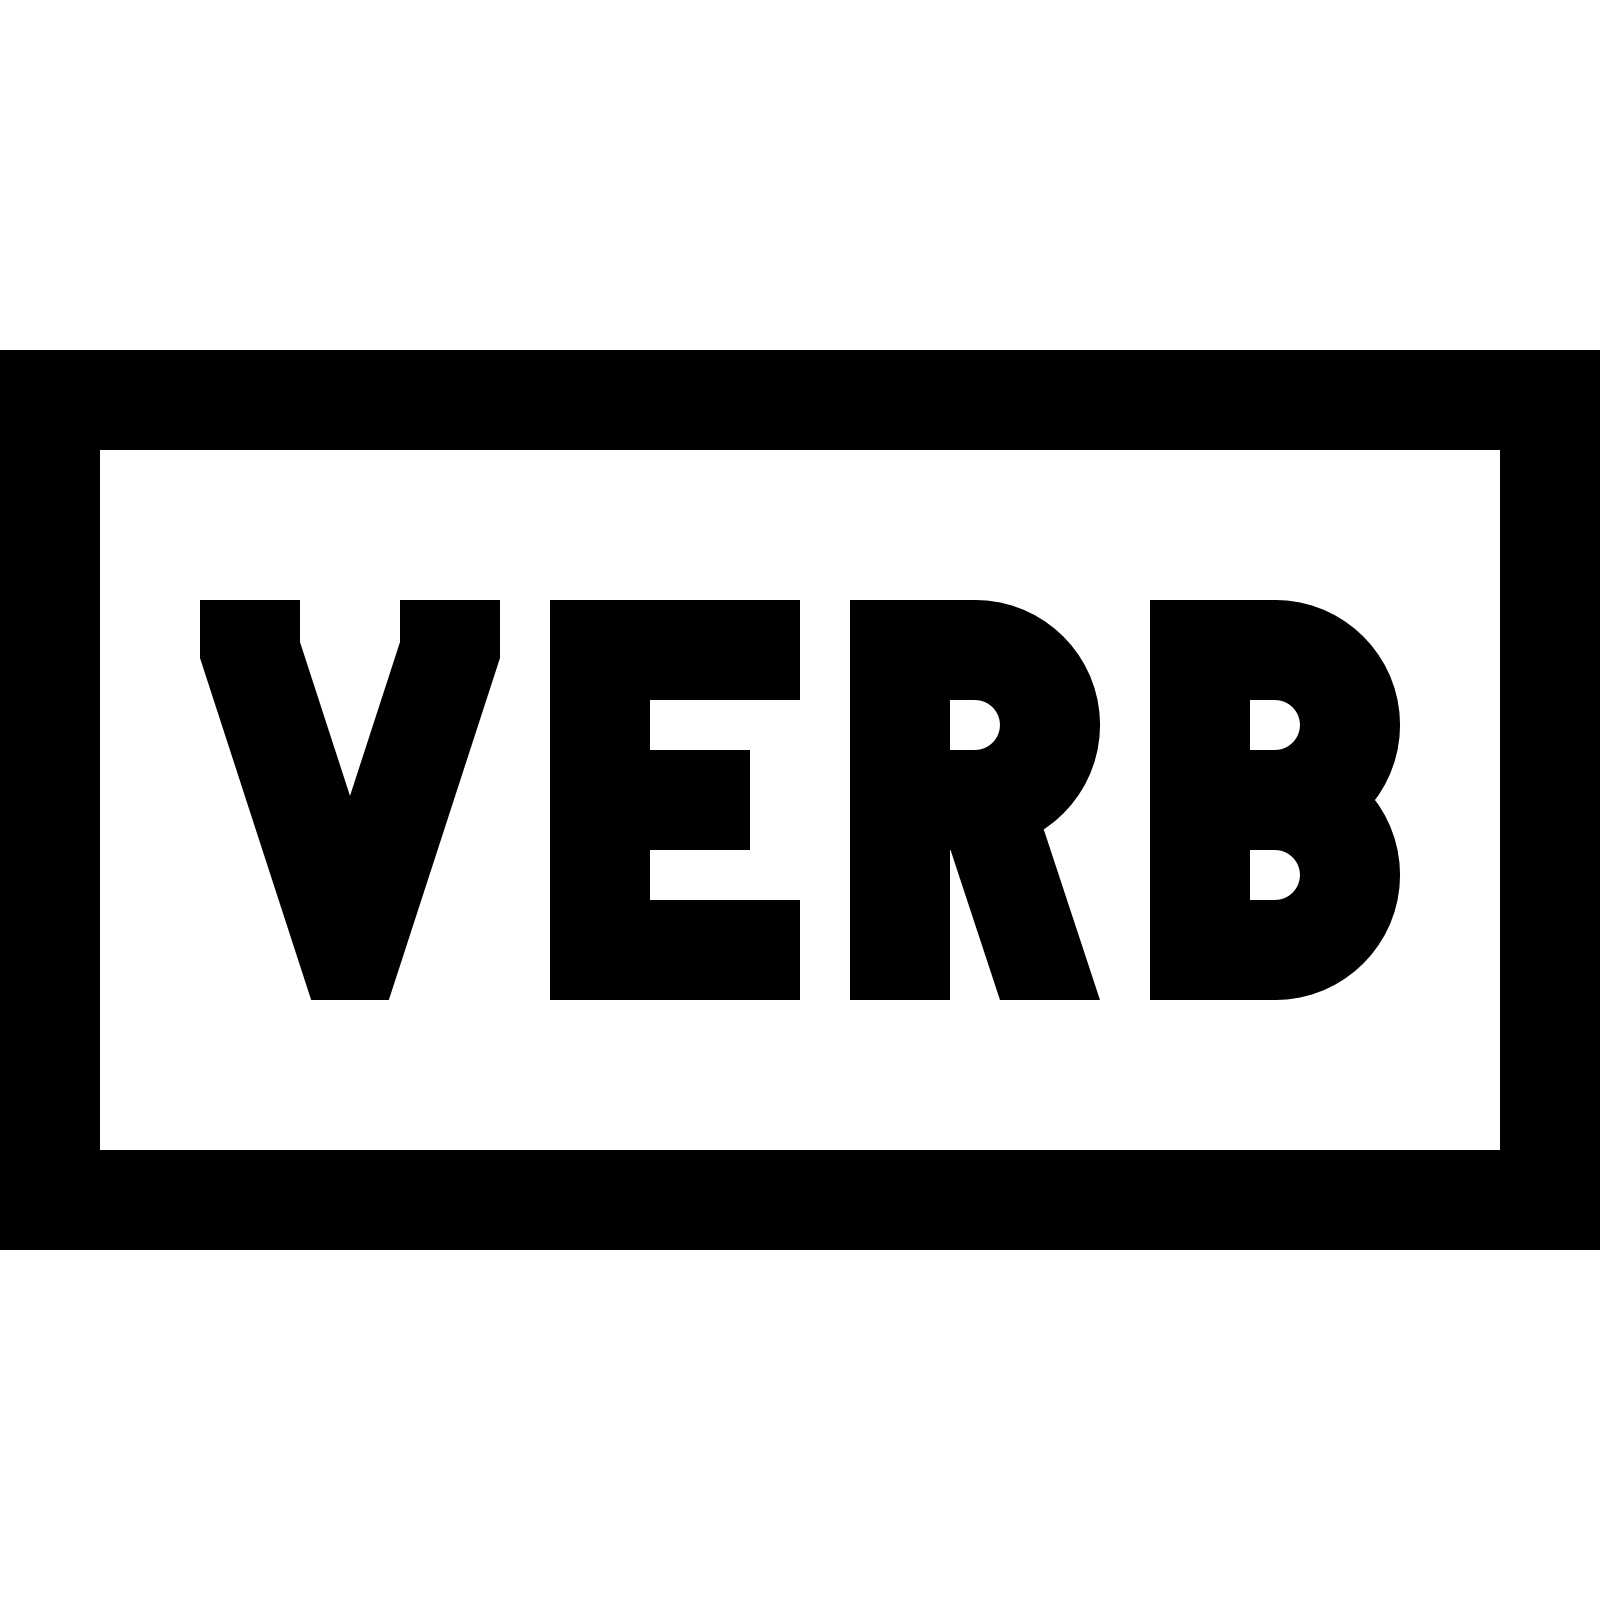 Глаголы